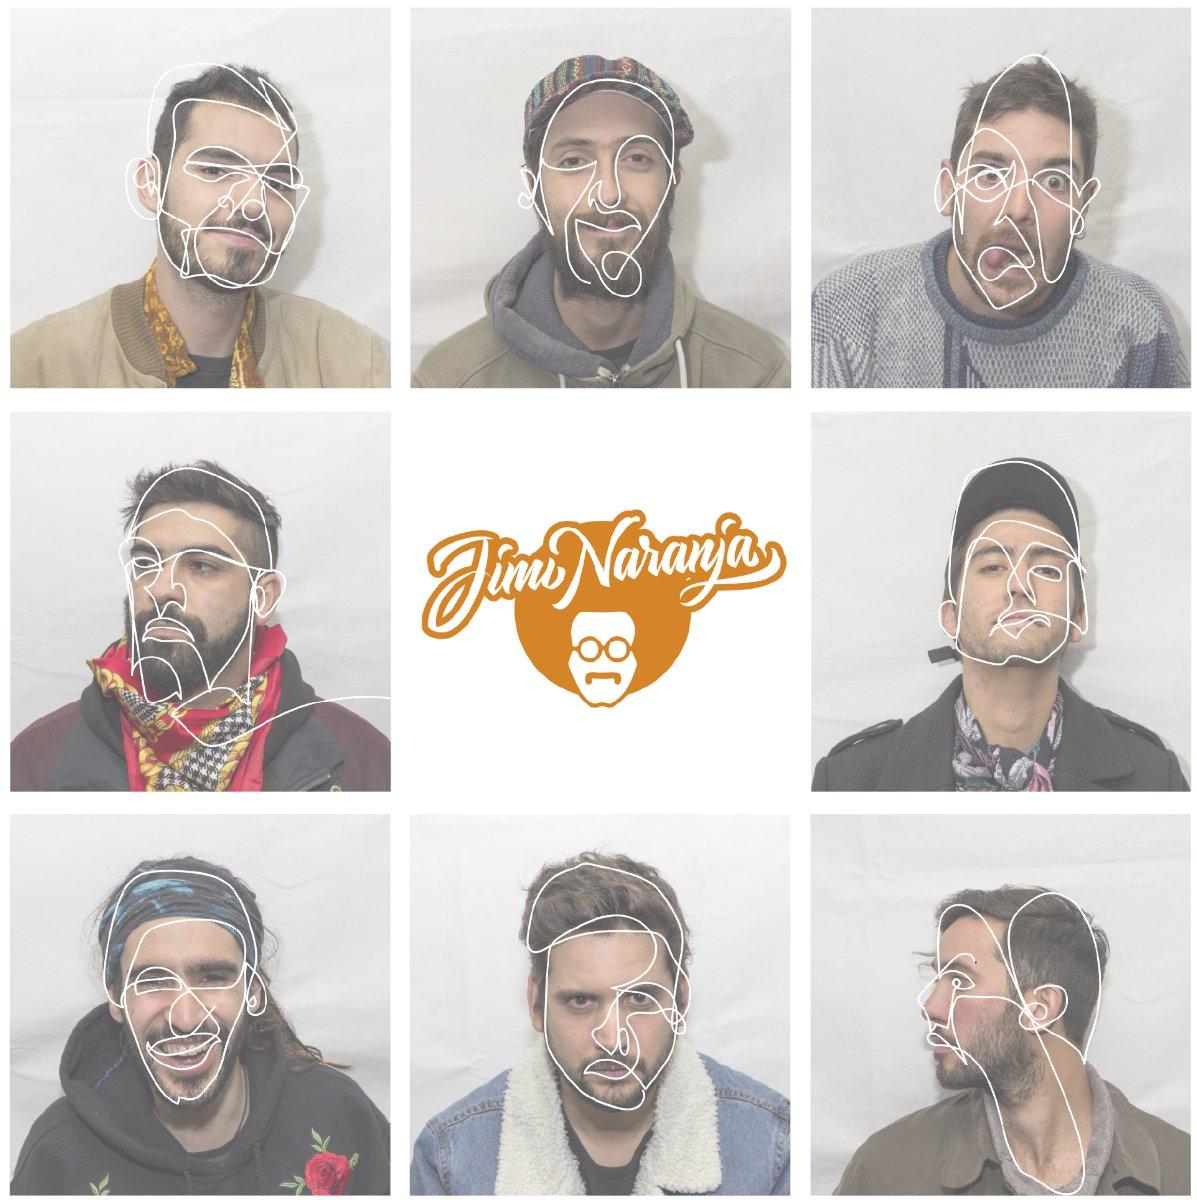 """test Twitter Media - La banda chilena de funk Jimi Naranja🍊 sorprende con nuevo disco 💿. Se trata de """"Fruta Kósmica"""", trabajo que la misma agrupación describe como """"una amalgama de distintos estados emocionales y espirituales"""" 🎶. Conoce más de este álbum -> https://t.co/qOT9nw0JDL https://t.co/zch96JFt1b"""